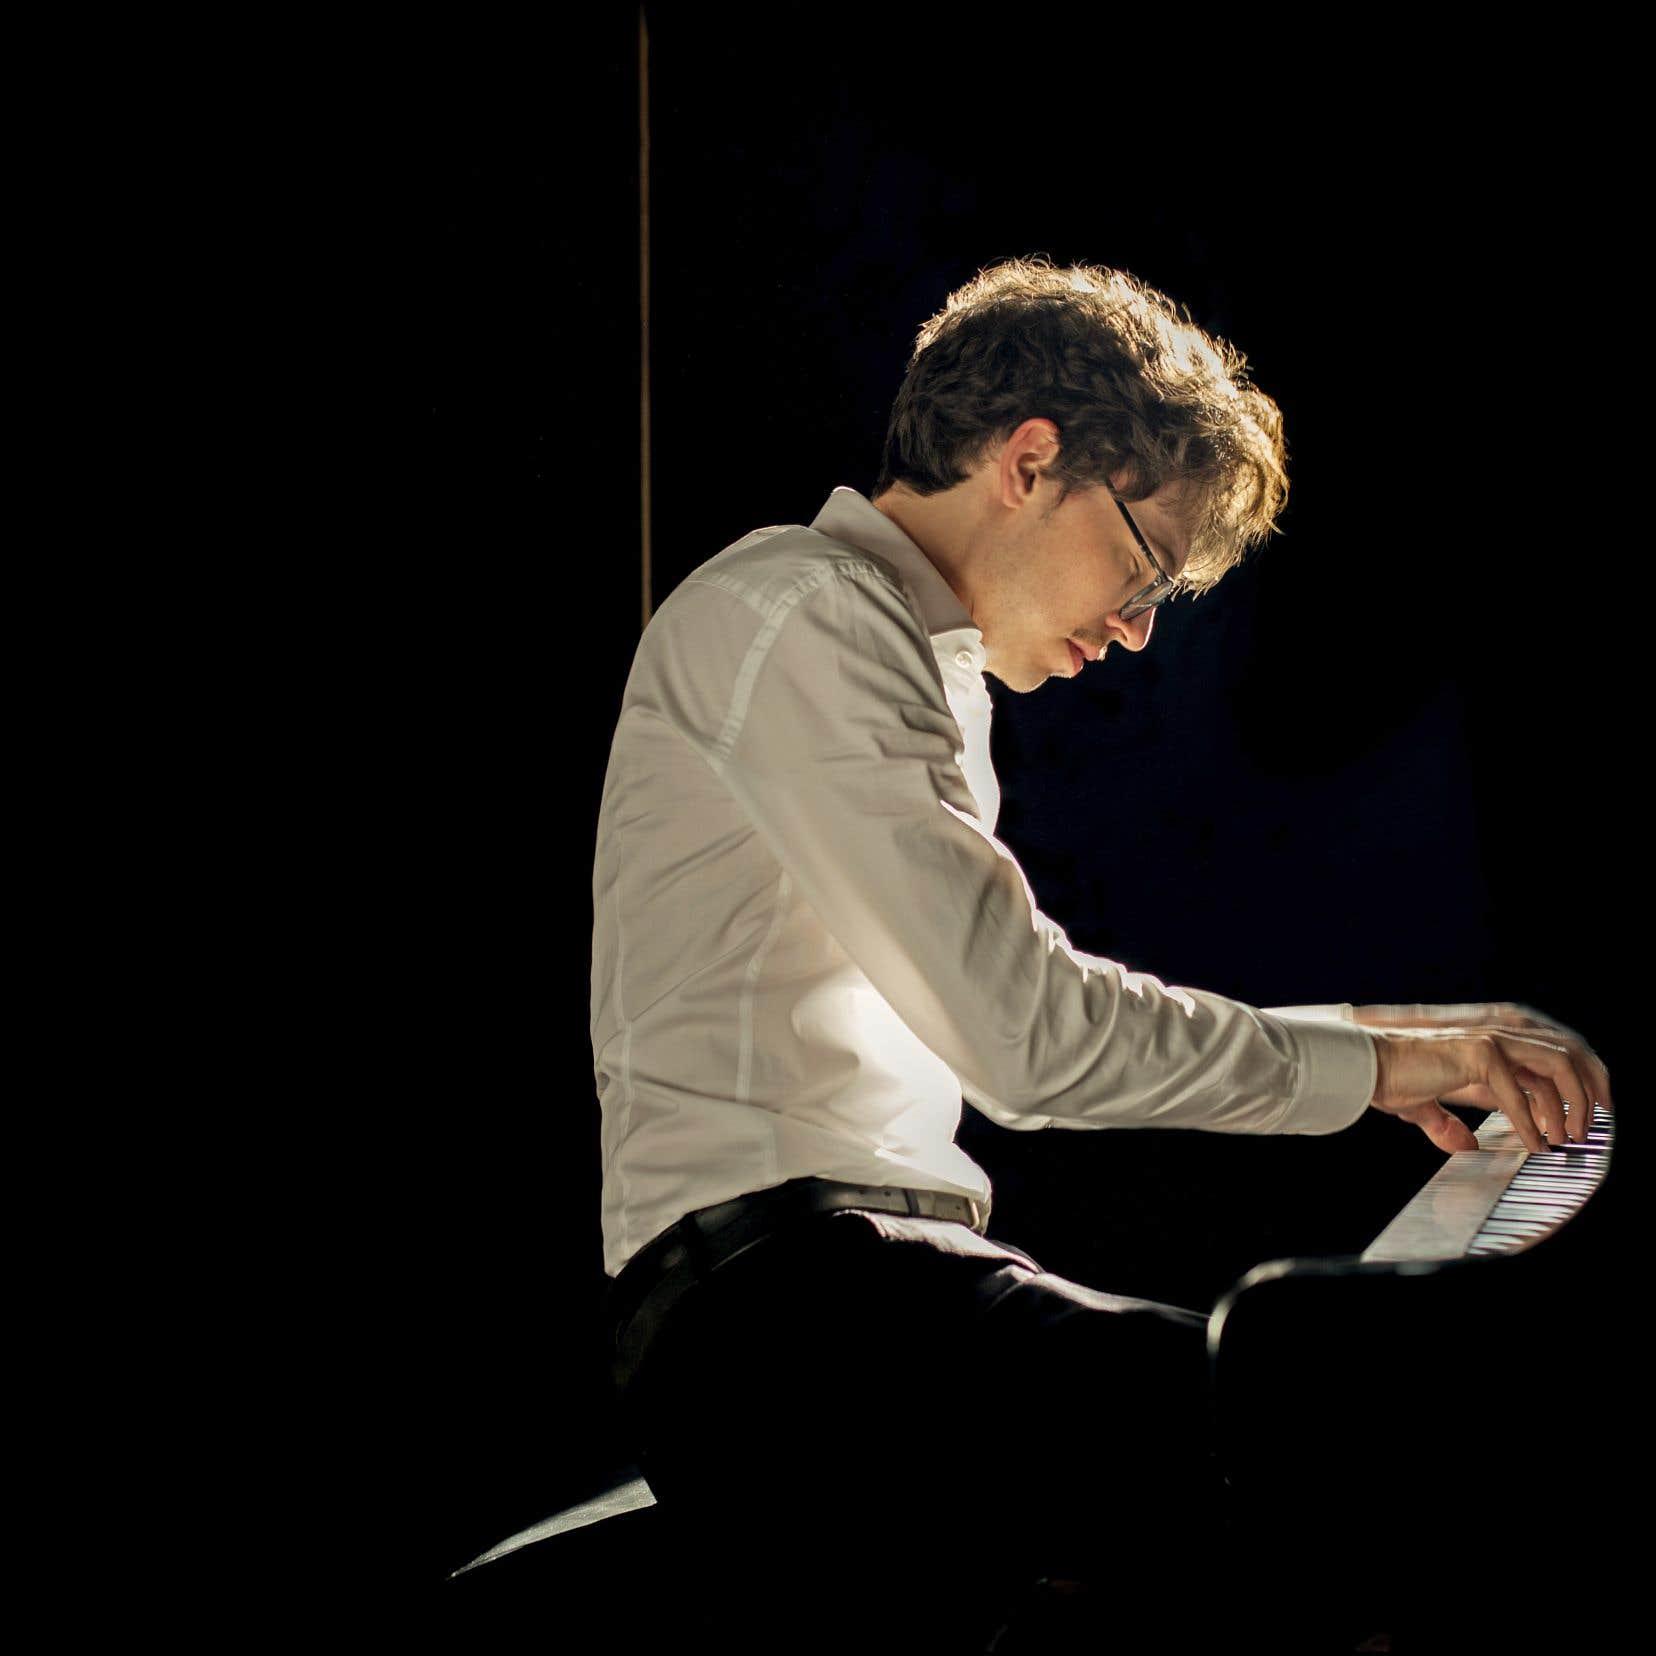 L'art du Français Lucas Debargue est une vraie philosophie sonore avant d'être un art pianistique.